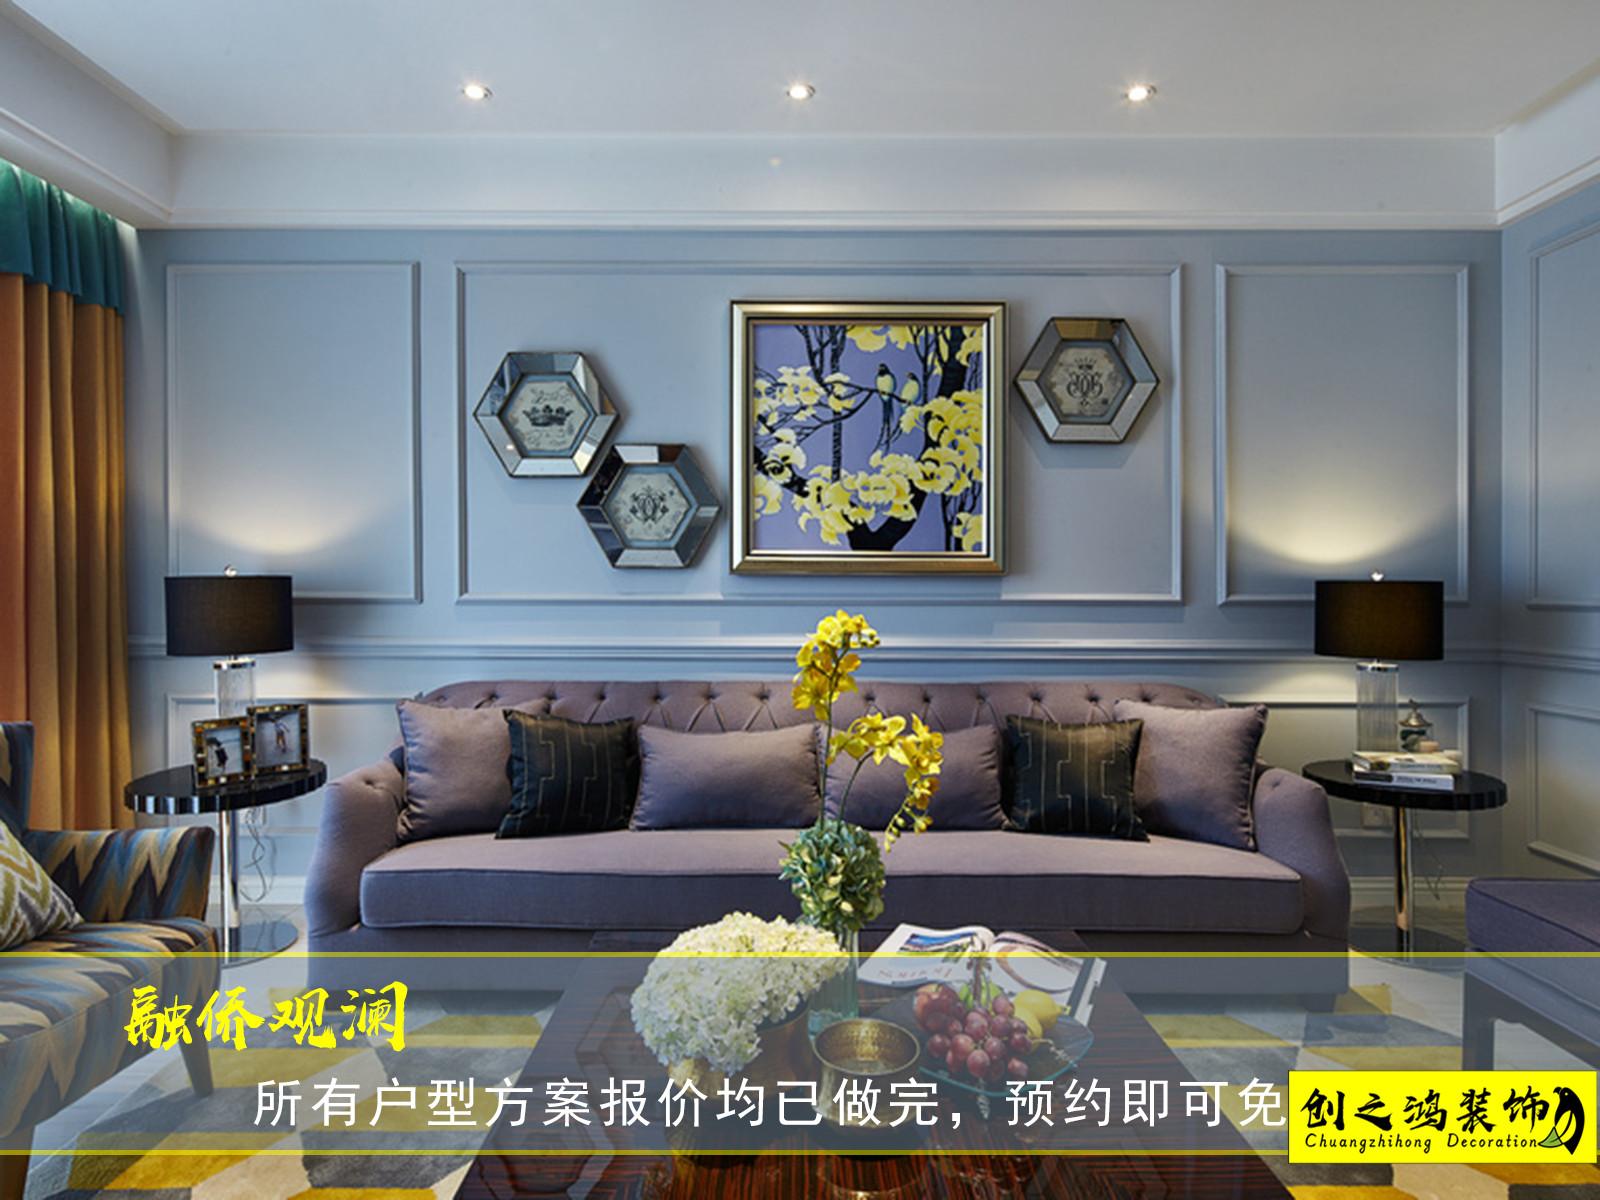 150㎡融侨观澜四室两厅现代简约风格装修效果图